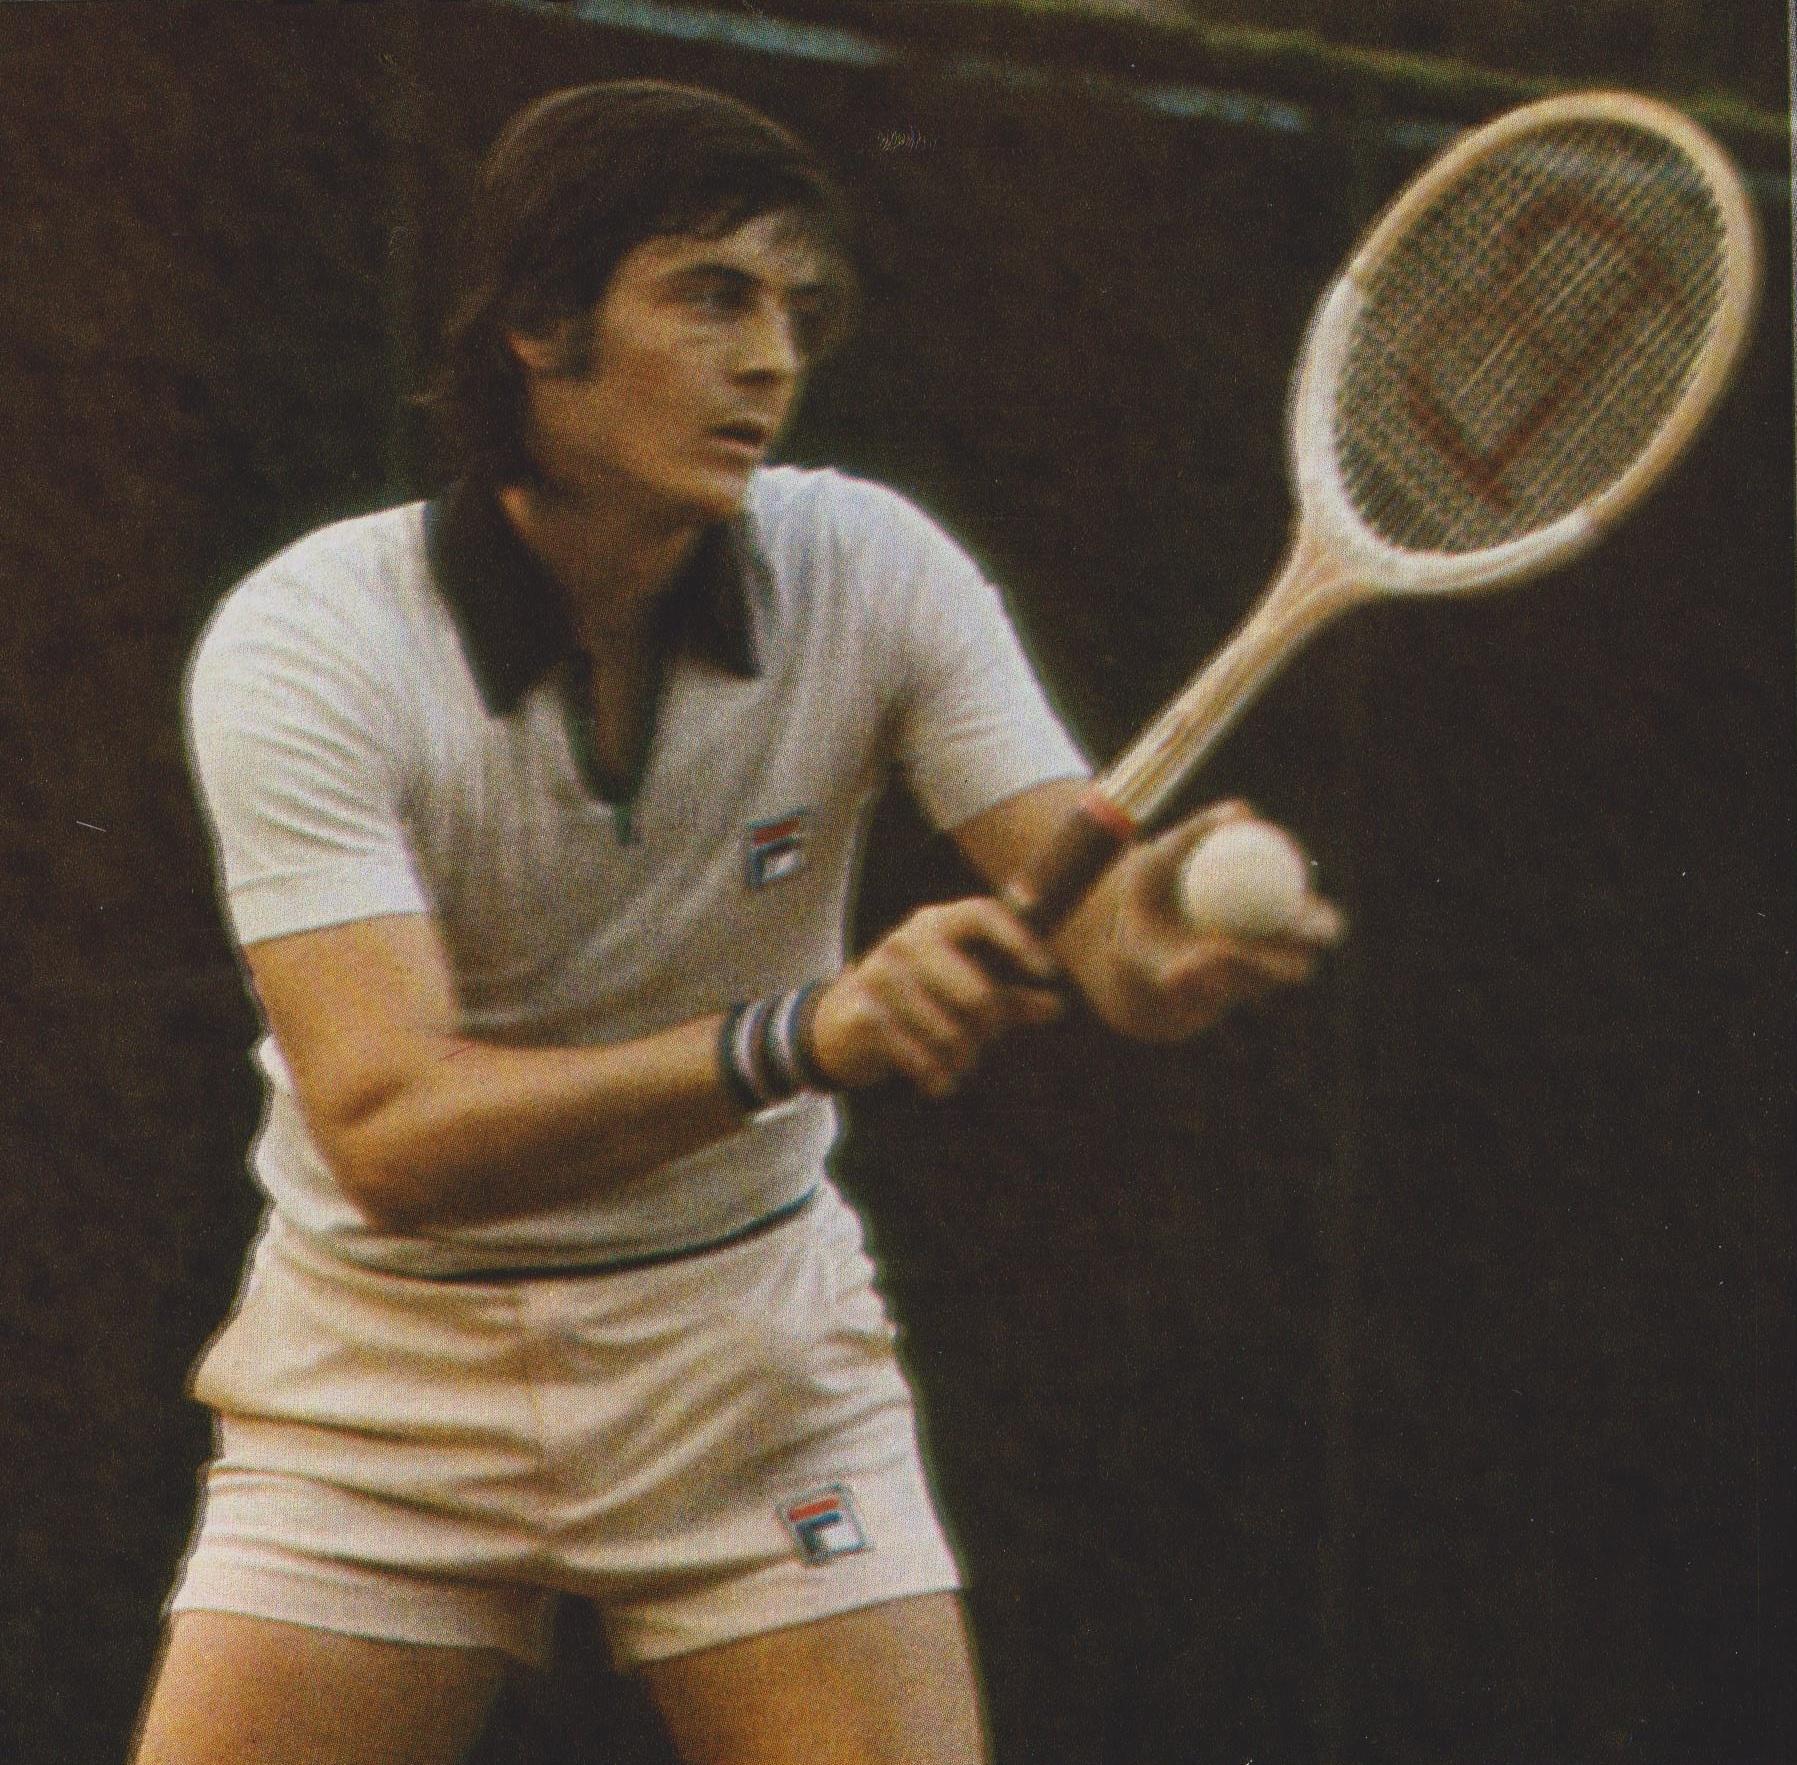 Nella foto: Adriano Panatta vince gli Internazionali d'Italia (1976). Nello stesso anno vincerà il Roland Garros e la Coppa Davis.